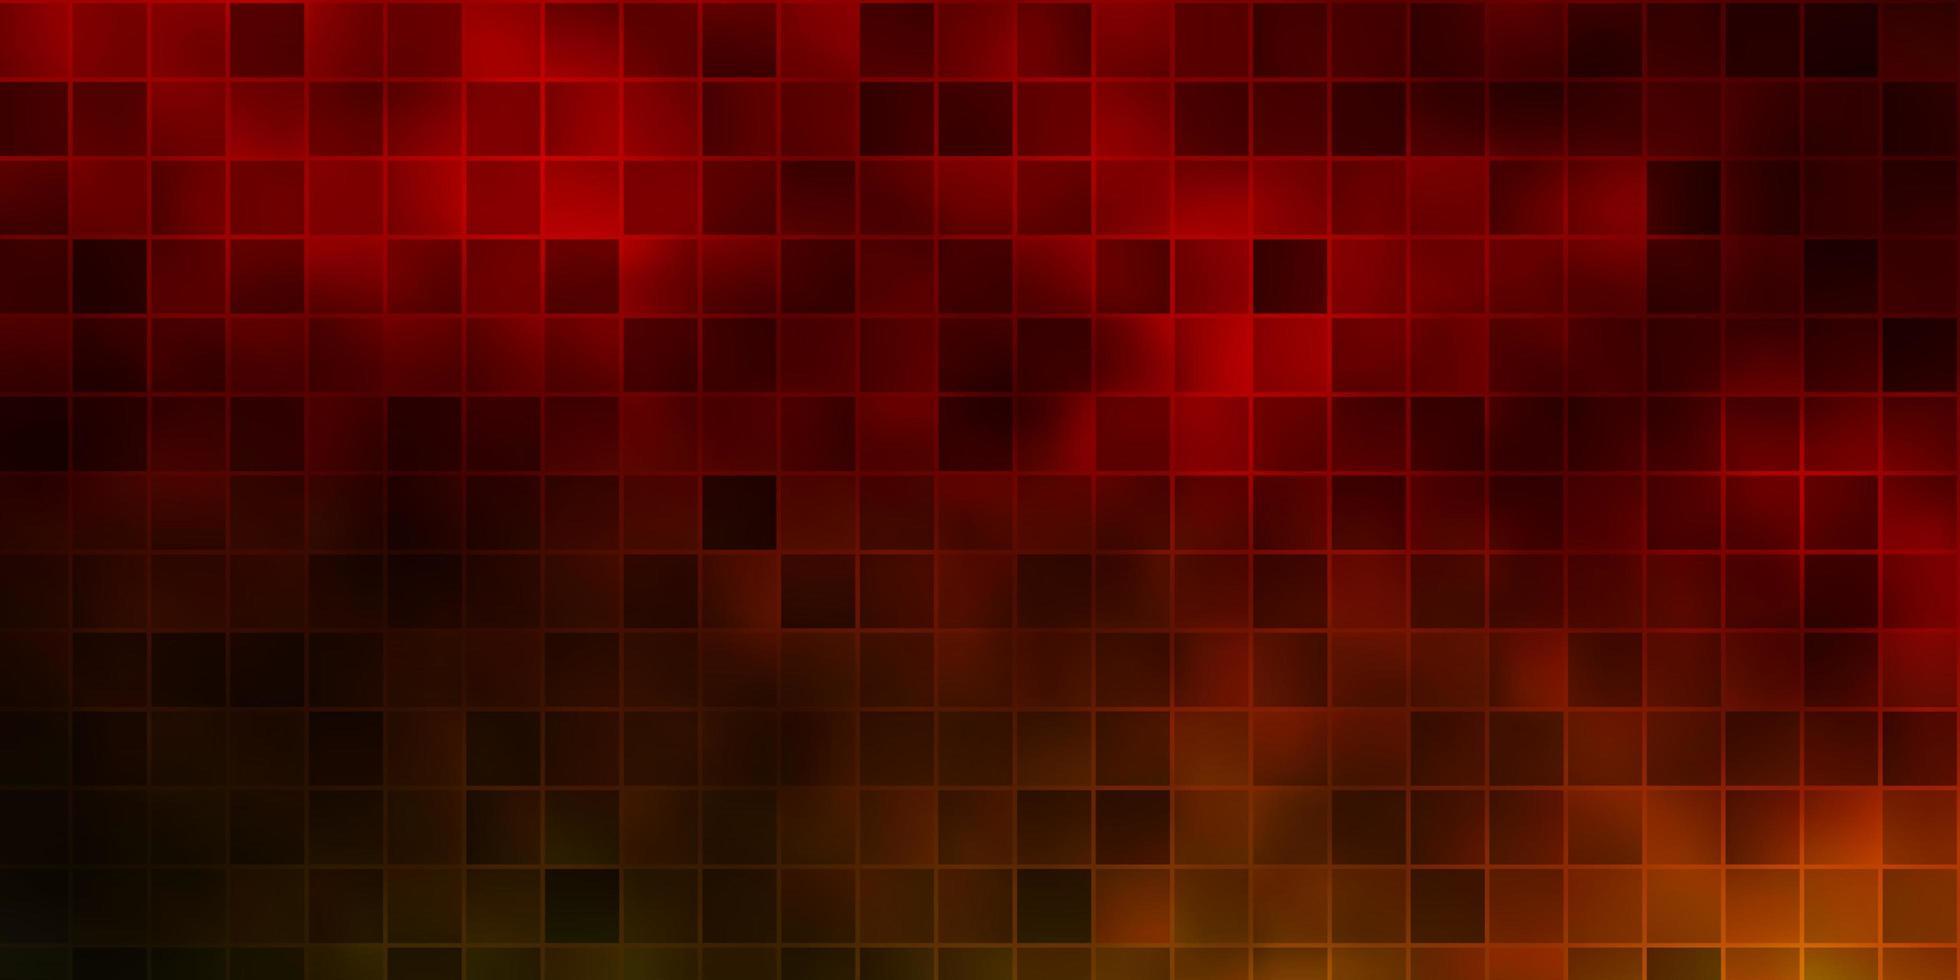 donkergroen, geel vectorpatroon in vierkante stijl. vector